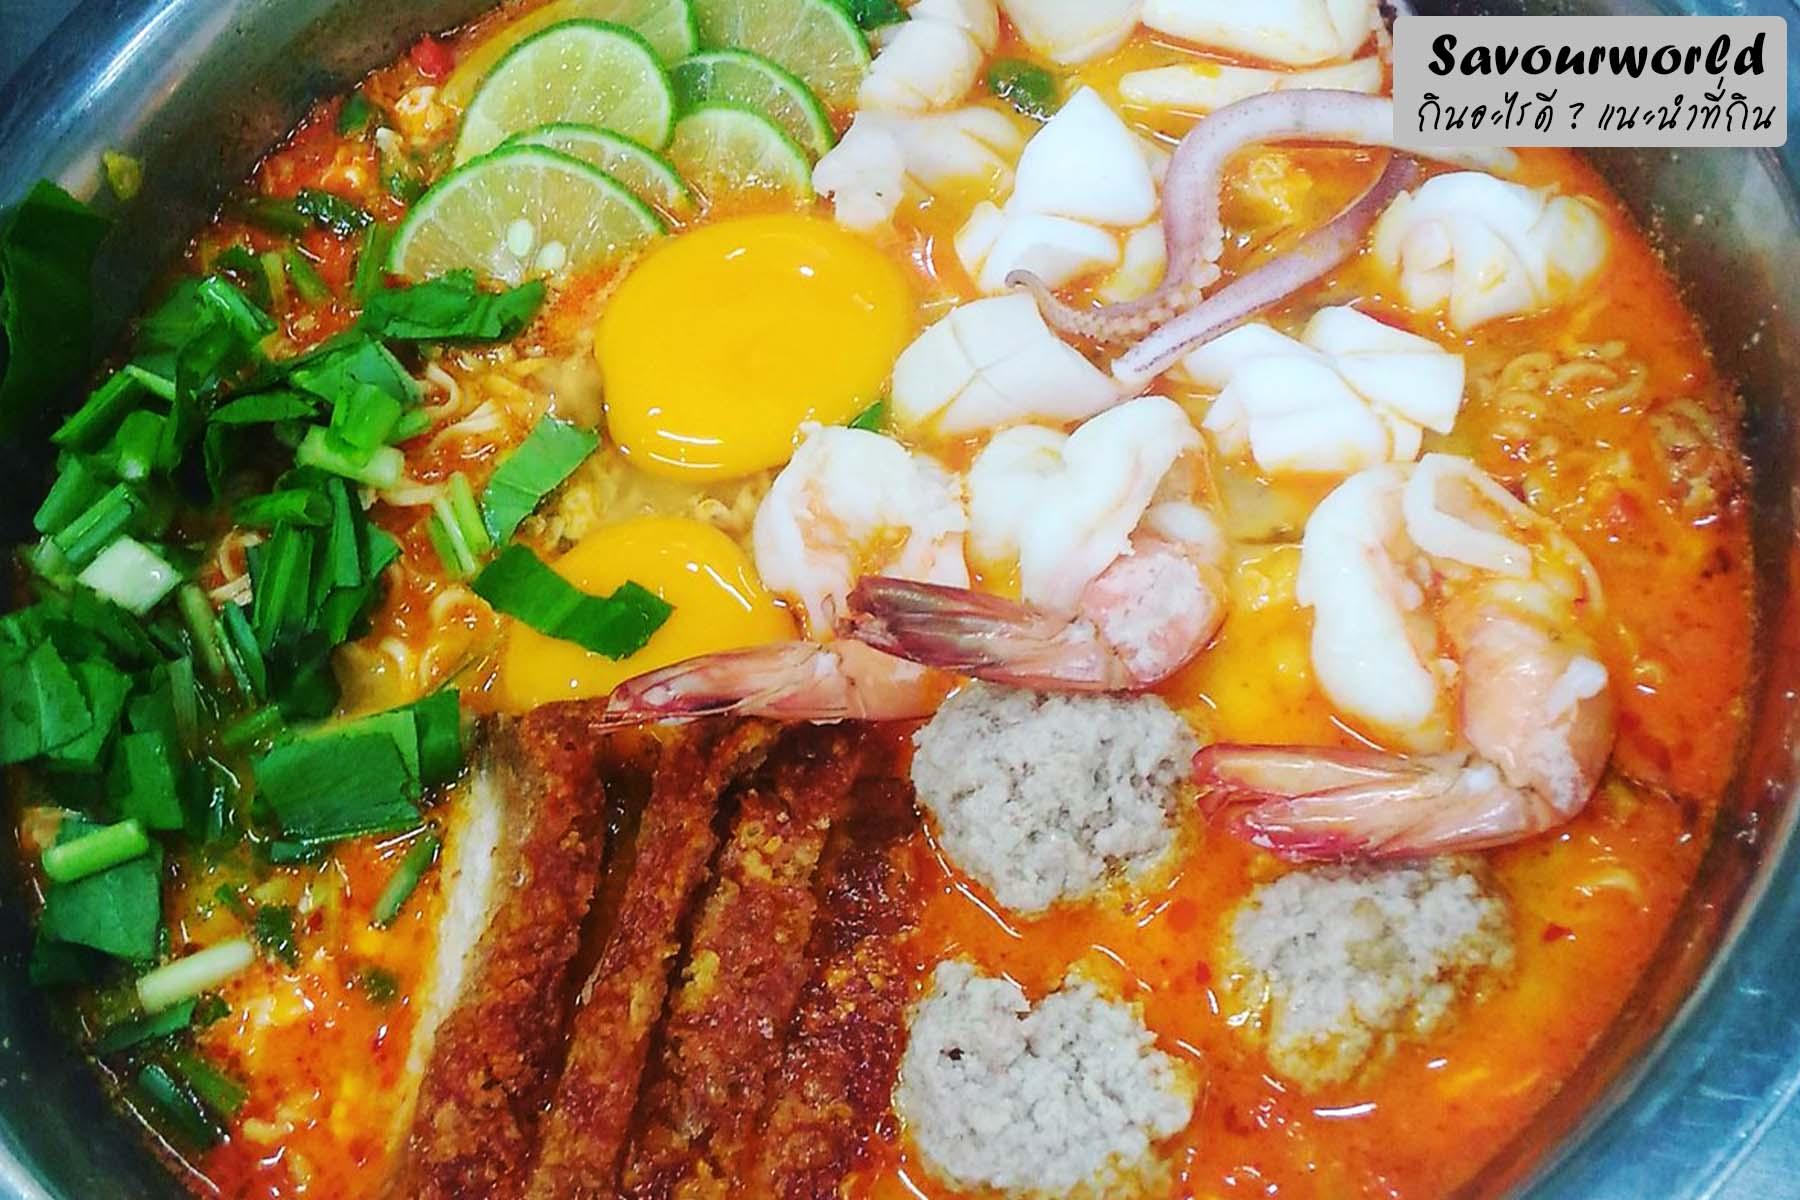 เมนูอาหารมื้อดึก แกะสูตรจากร้านดังอร่อยเหมือนกินที่ร้าน - savourworld.com